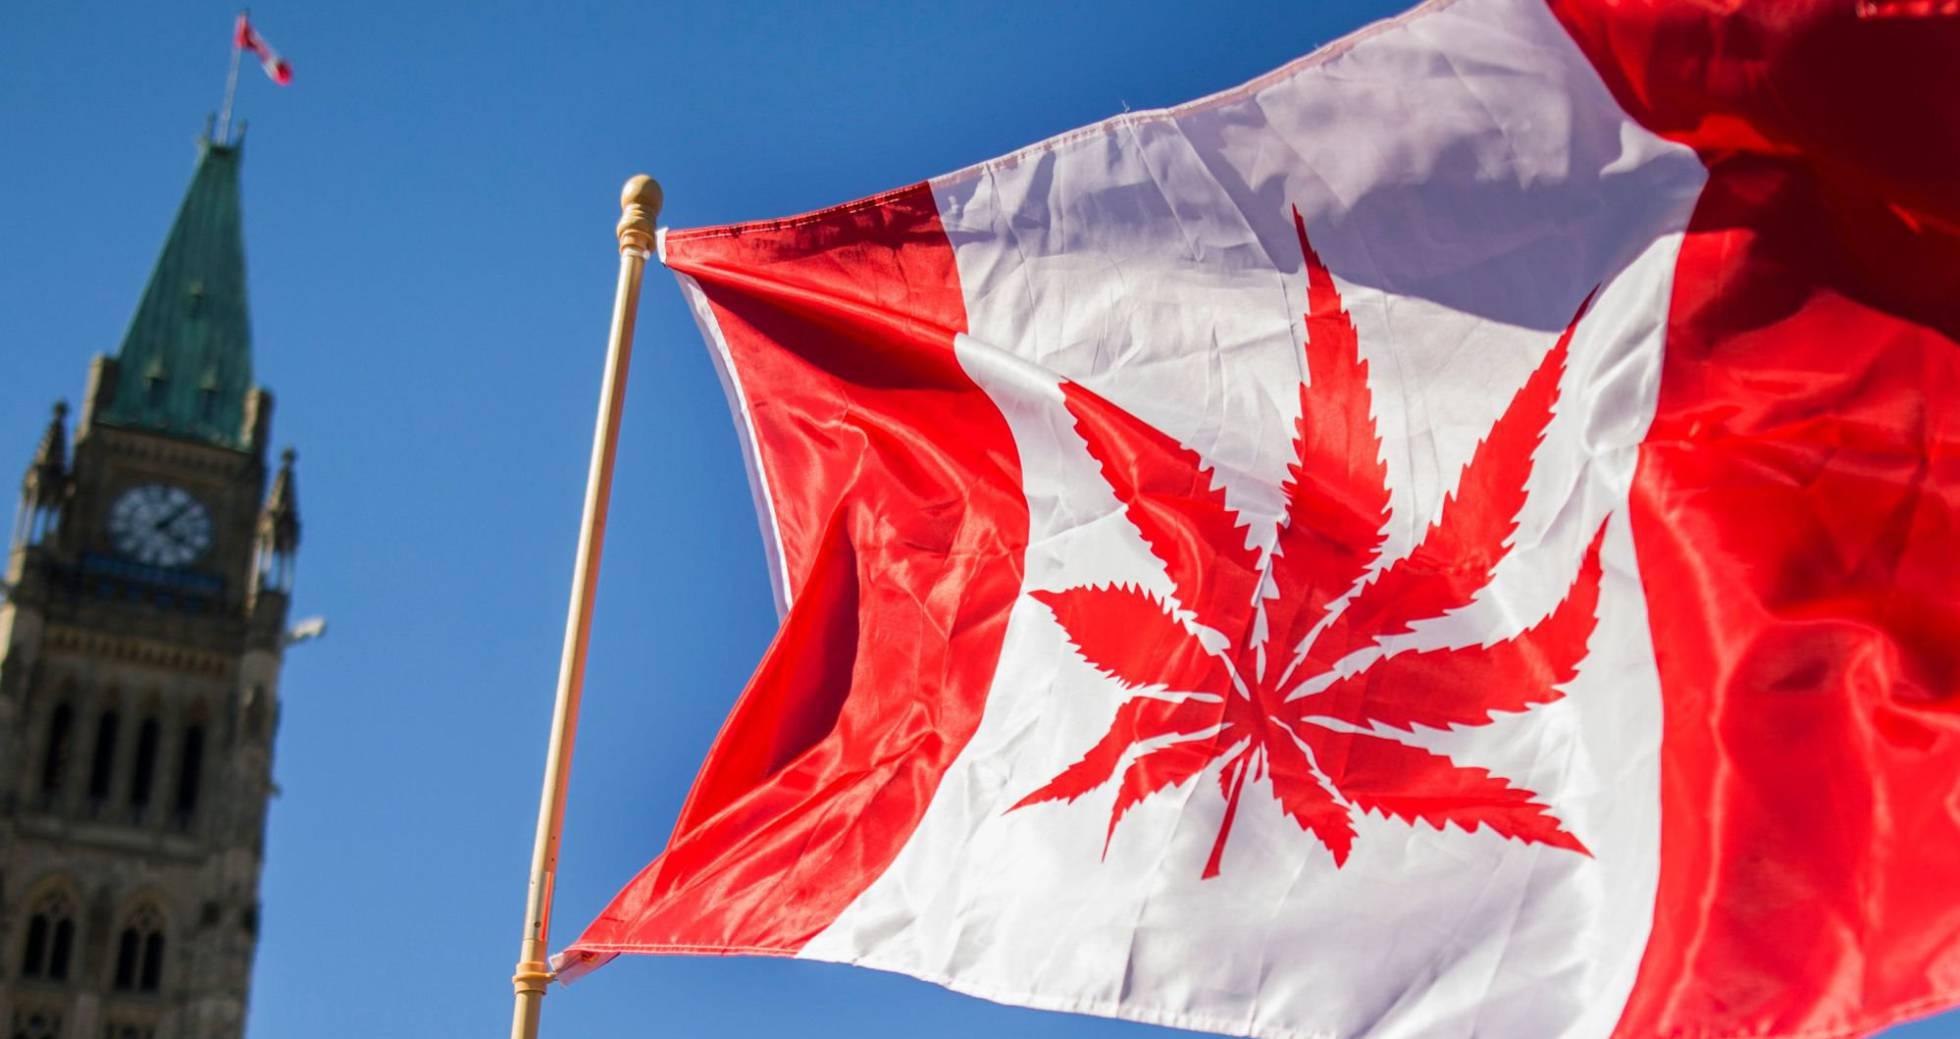 Fotos: La legalización de la marihuana en Canadá, en imágenes | Sociedad |  EL PAÍS